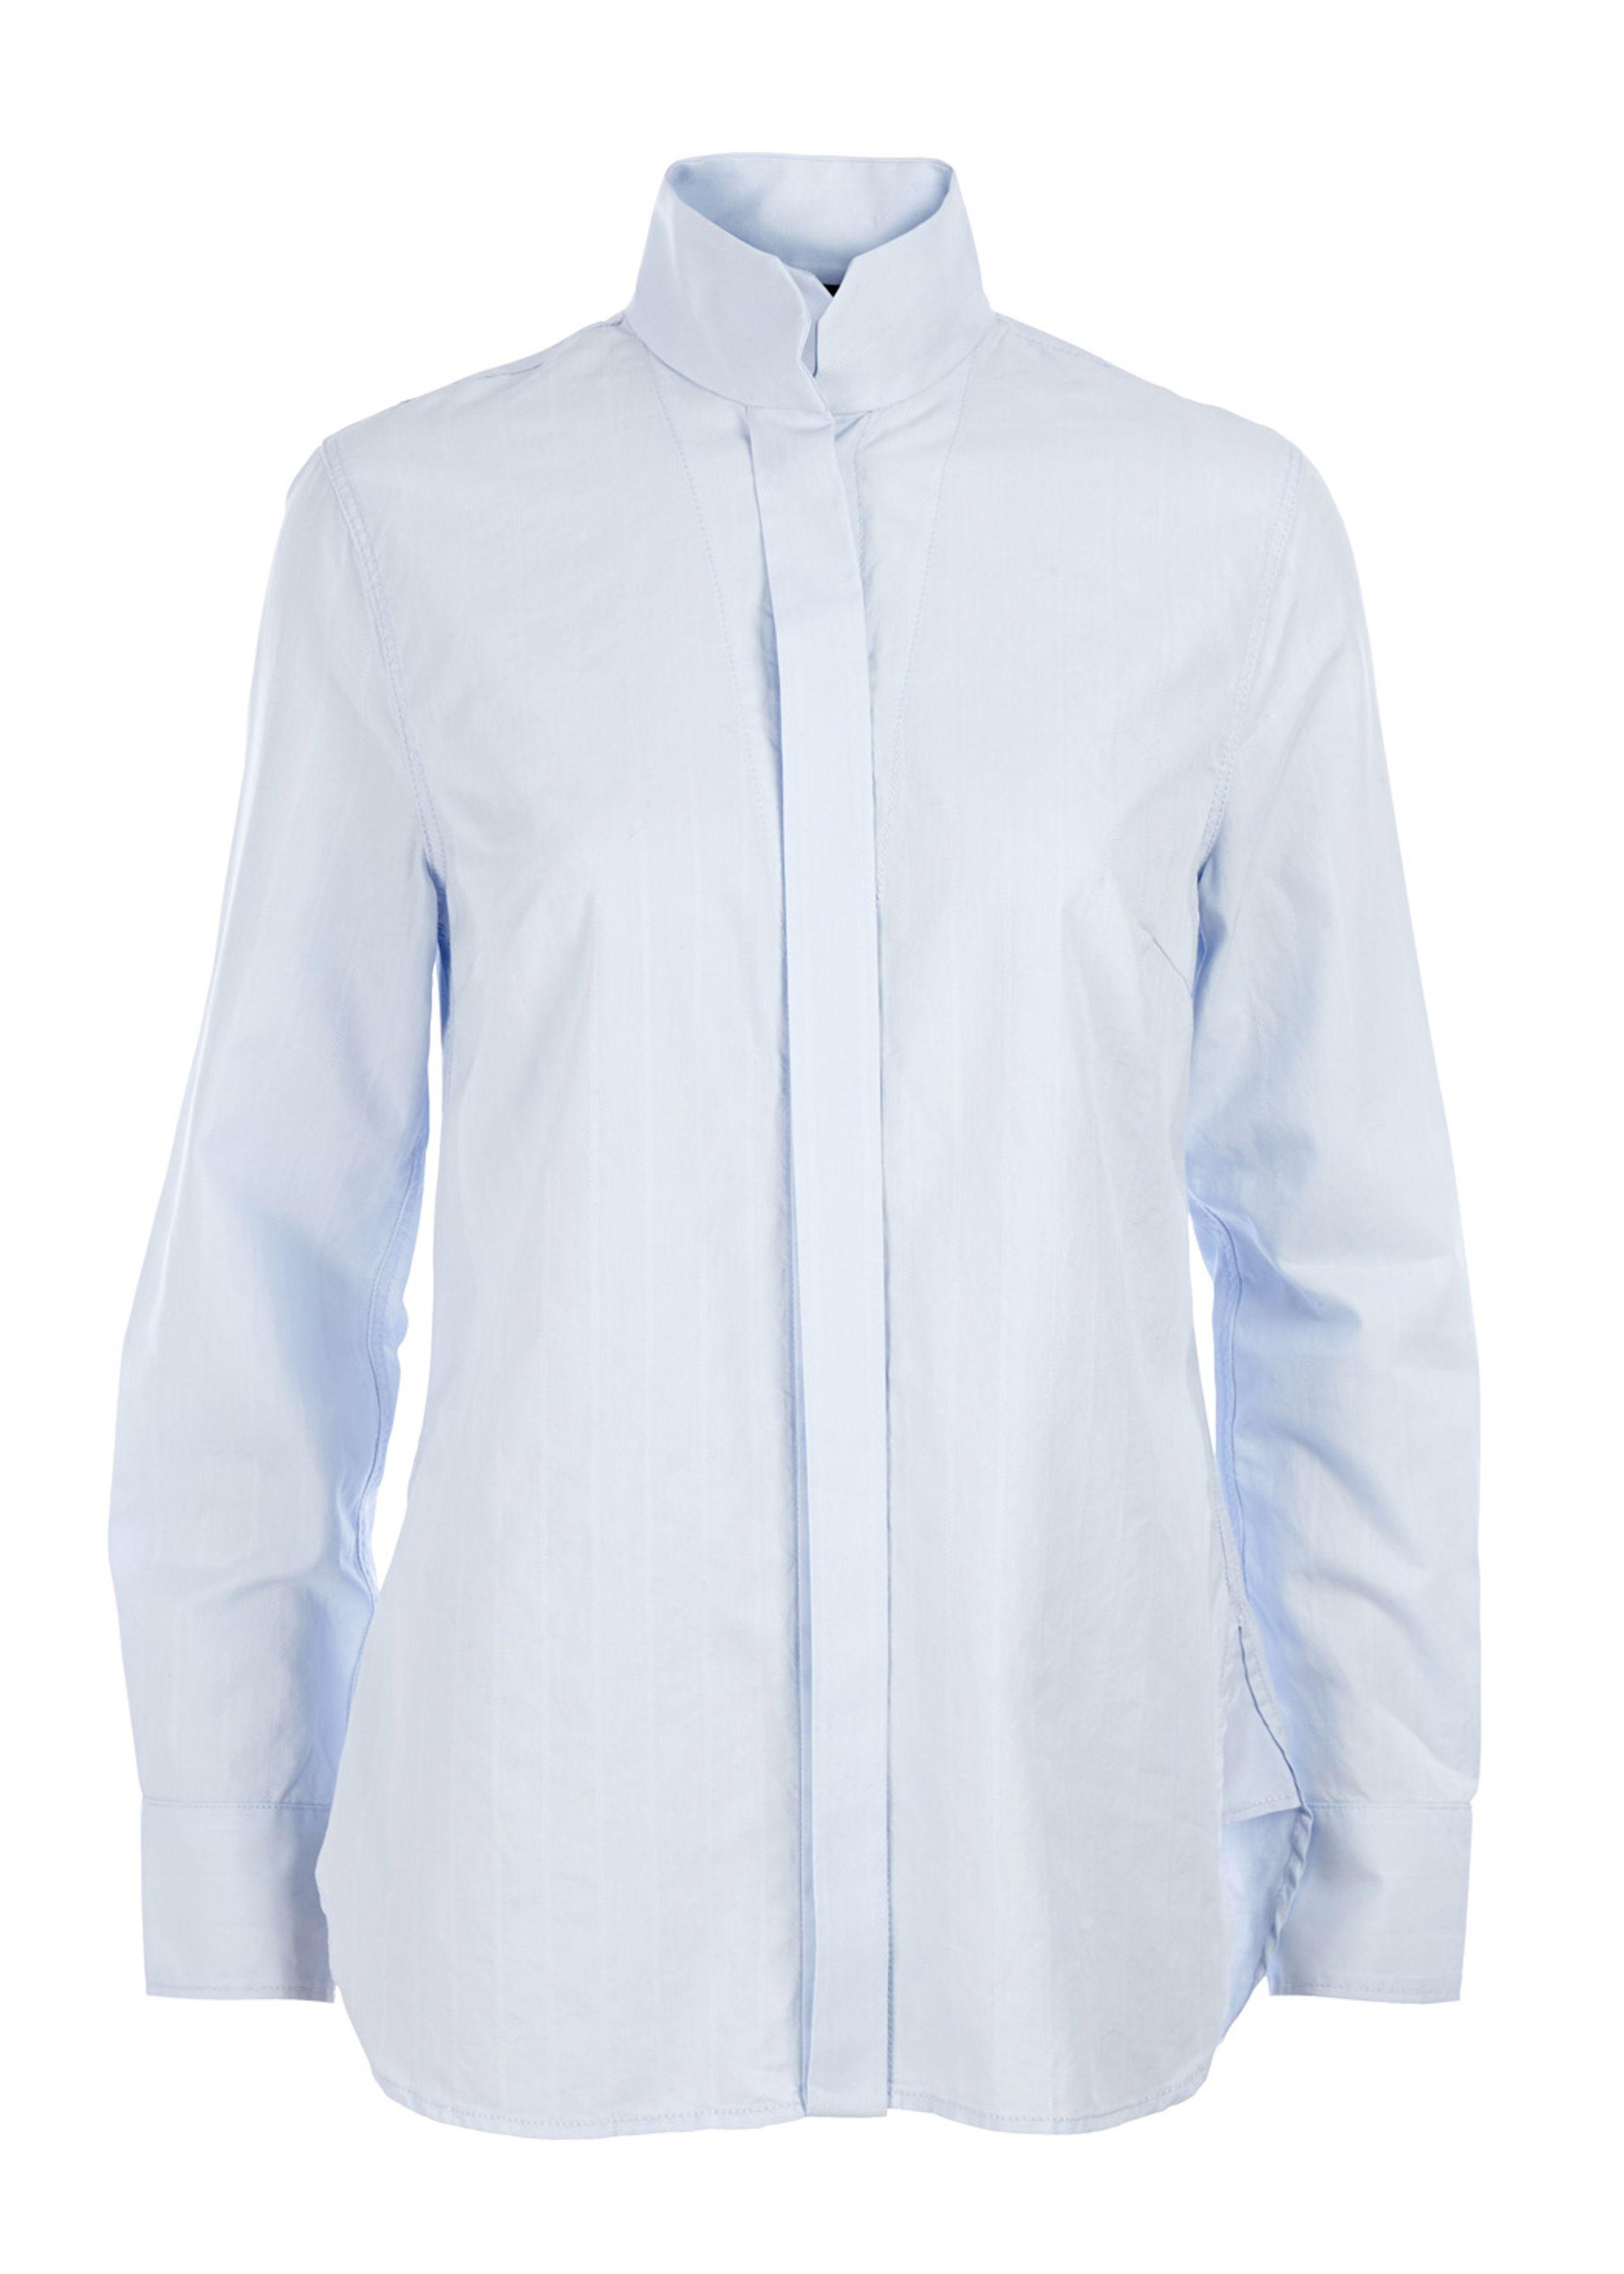 Rana basic shirt